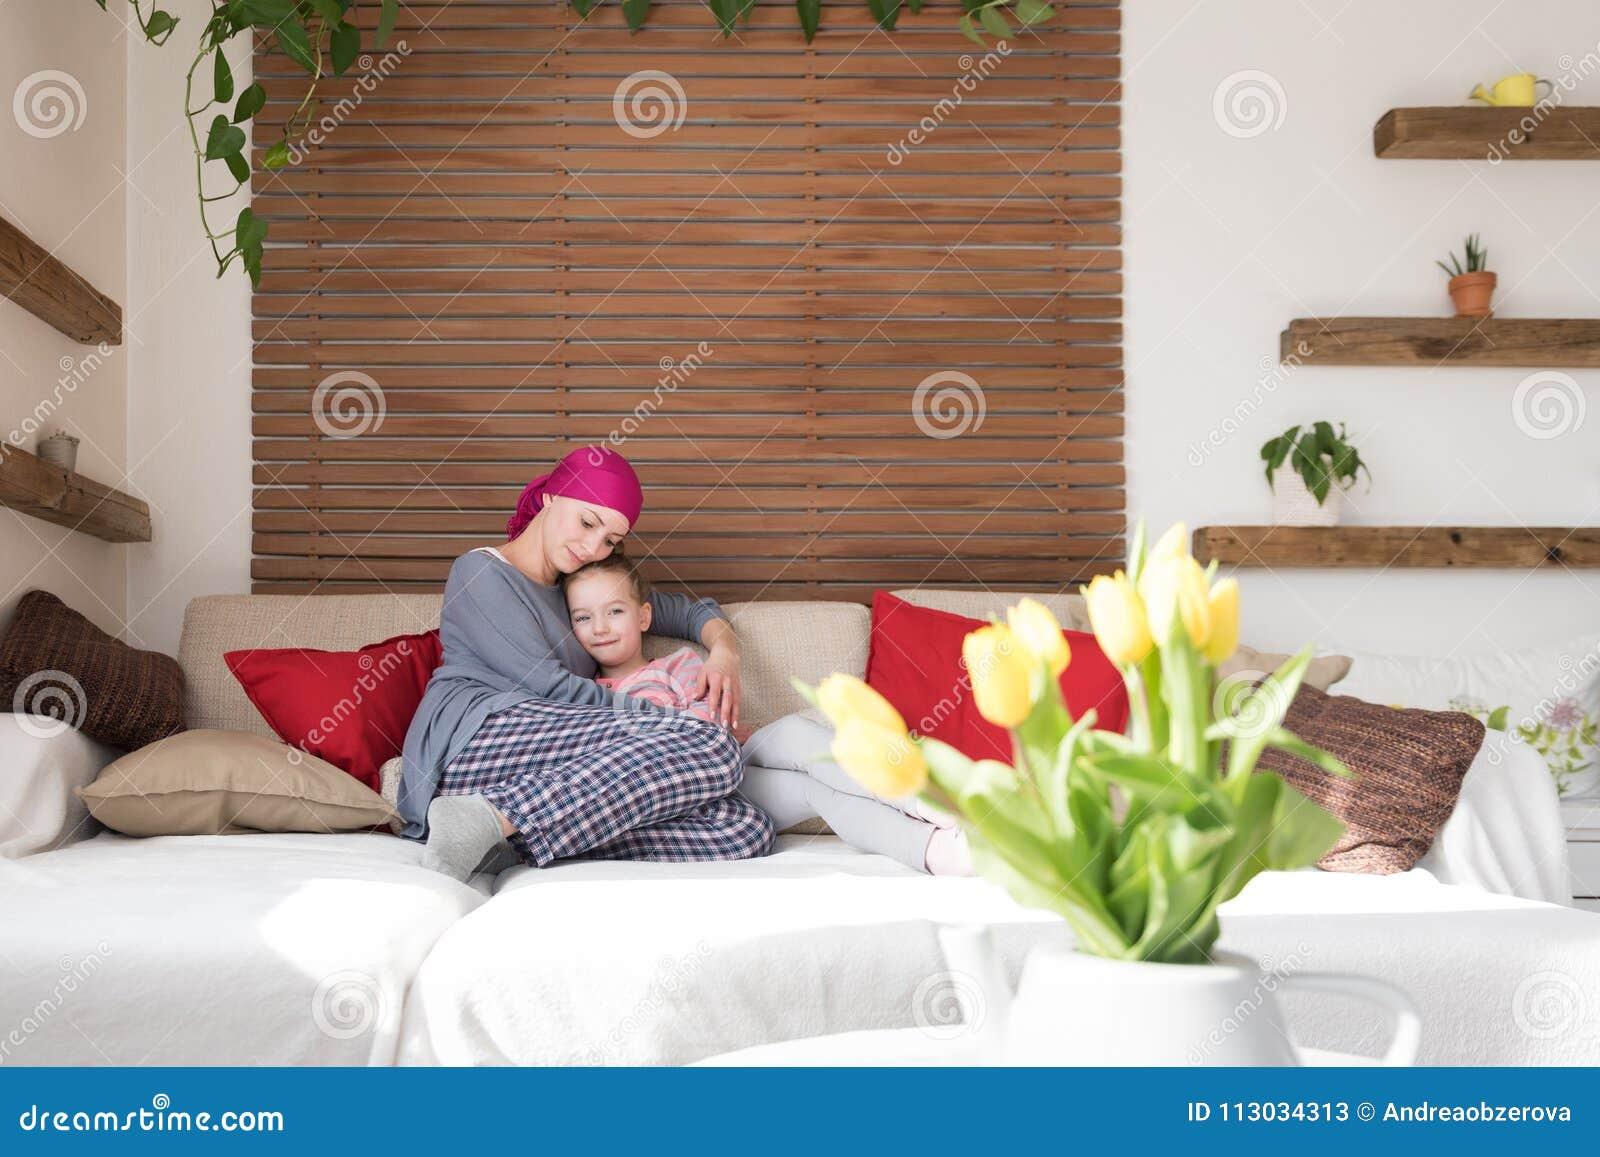 Enfermo de cáncer joven de la hembra adulta que pasa tiempo con su hija en casa, relajándose en el sofá